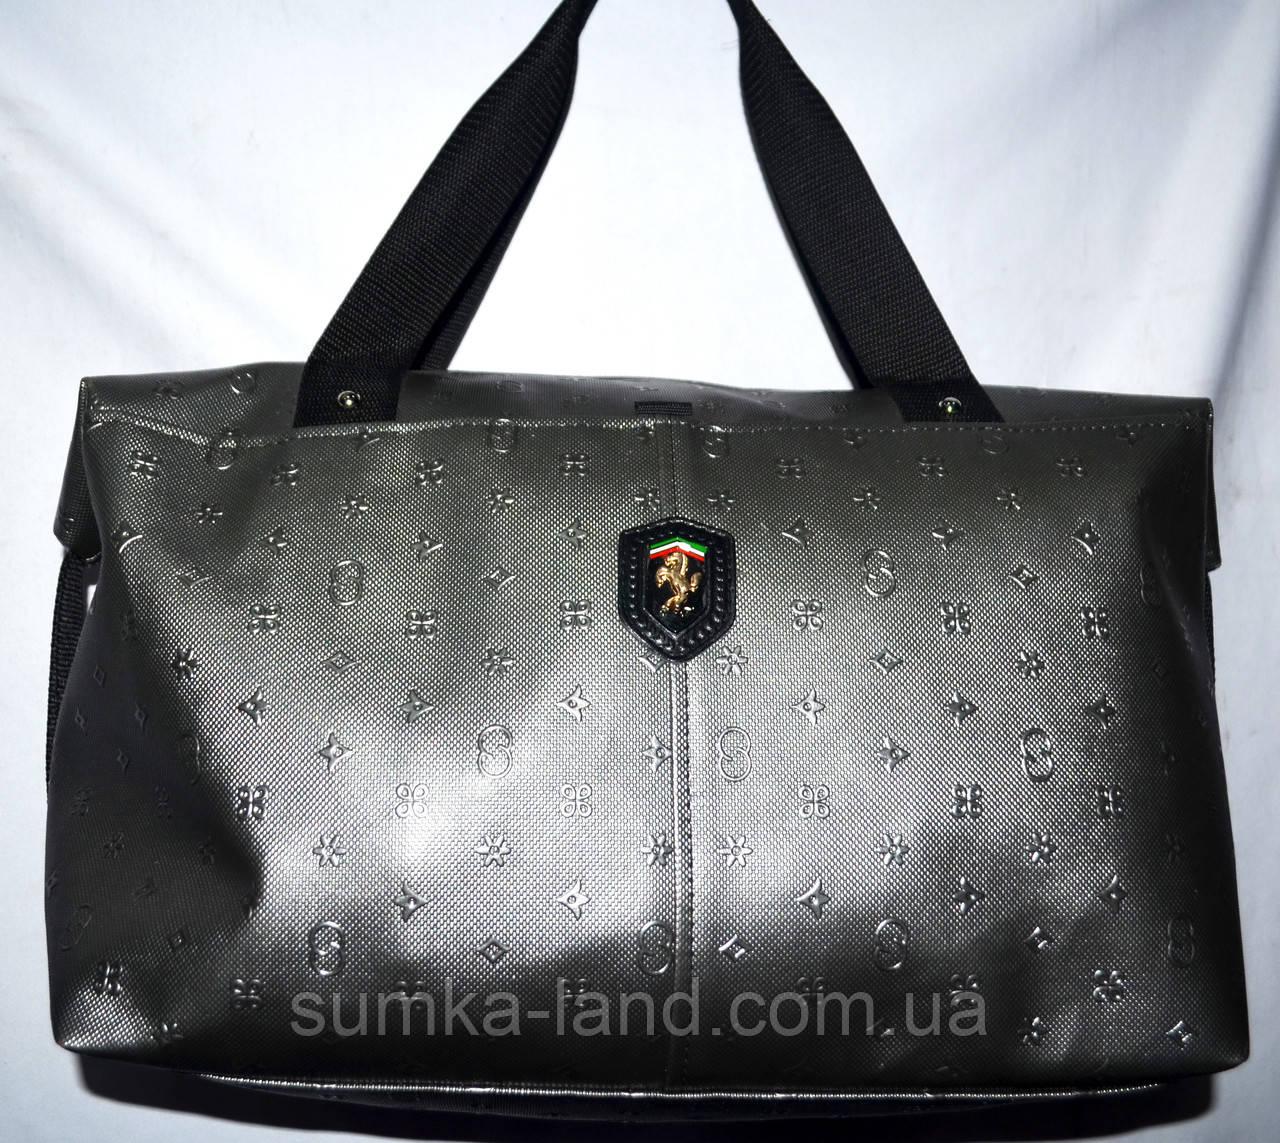 Женская универсальная серебристая сумка Ferrari из искусственной кожи 39*24 см